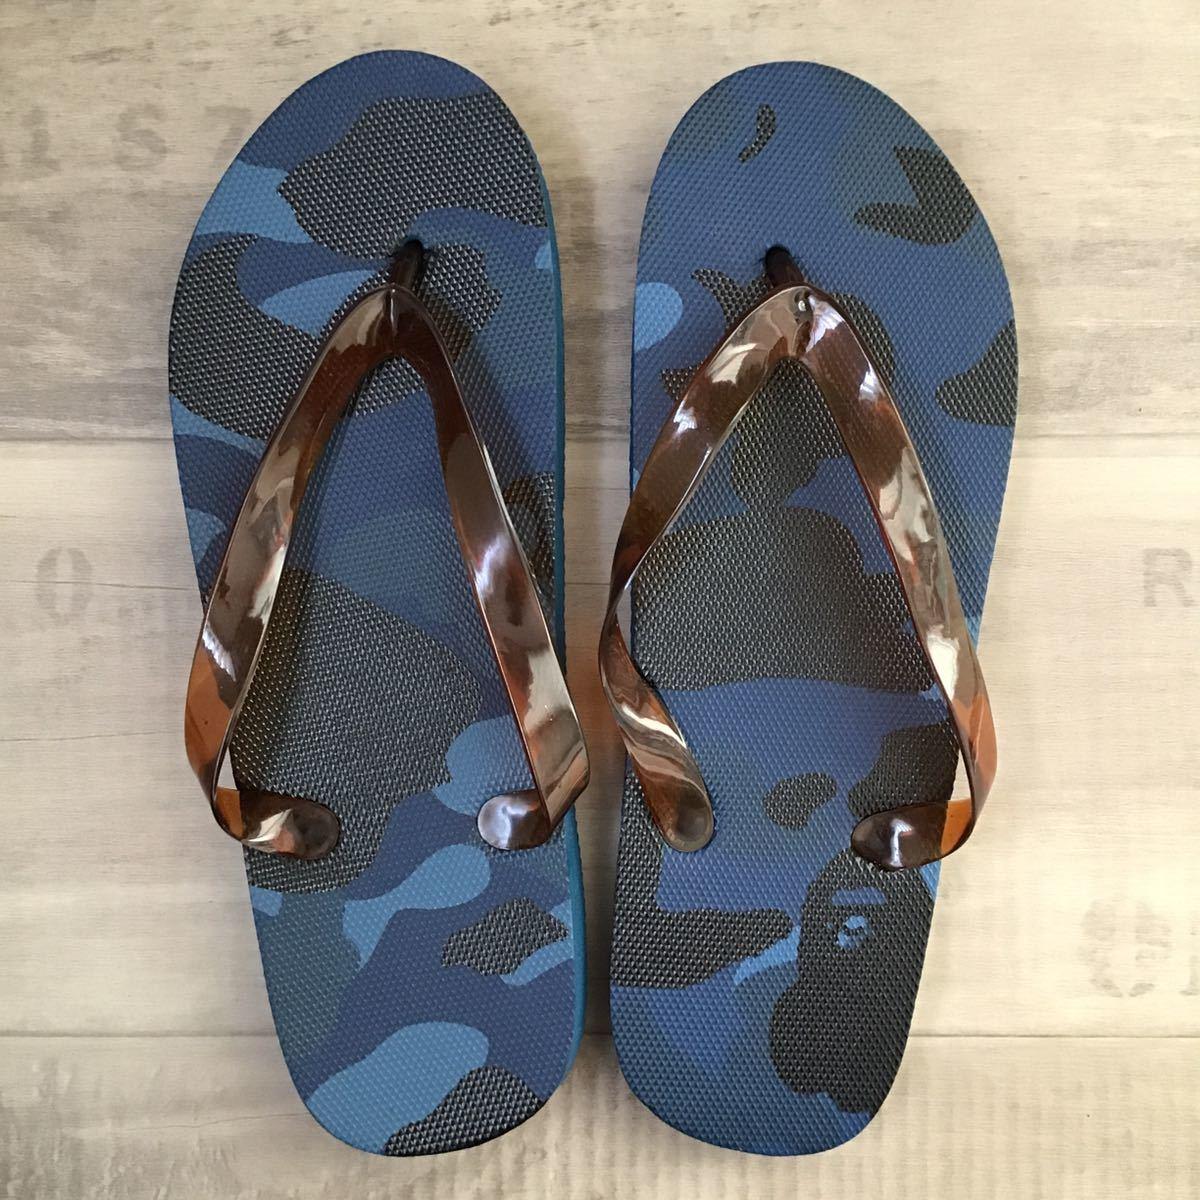 ★新品★ blue camo ビーチサンダル a bathing ape bape サンダル エイプ ベイプ アベイシングエイプ 迷彩 nigo pharrell camo sandals